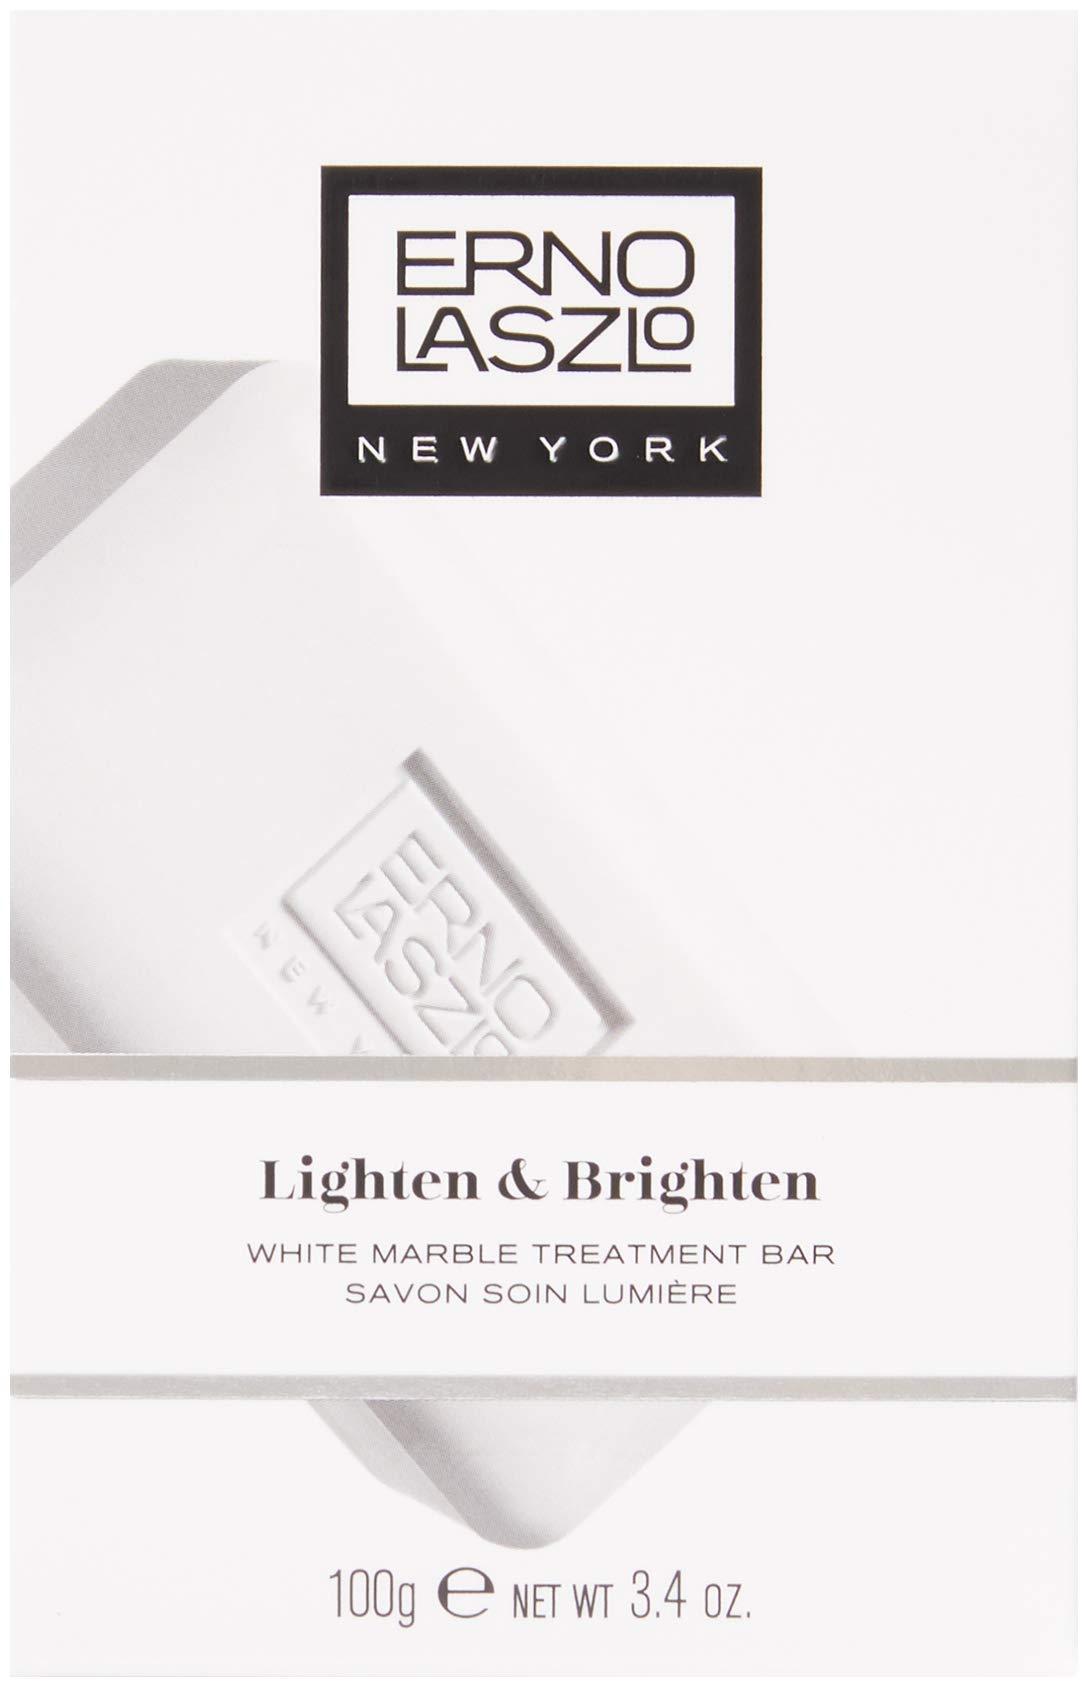 Erno Laszlo White Marble Treatment Bar, 3.4 Oz